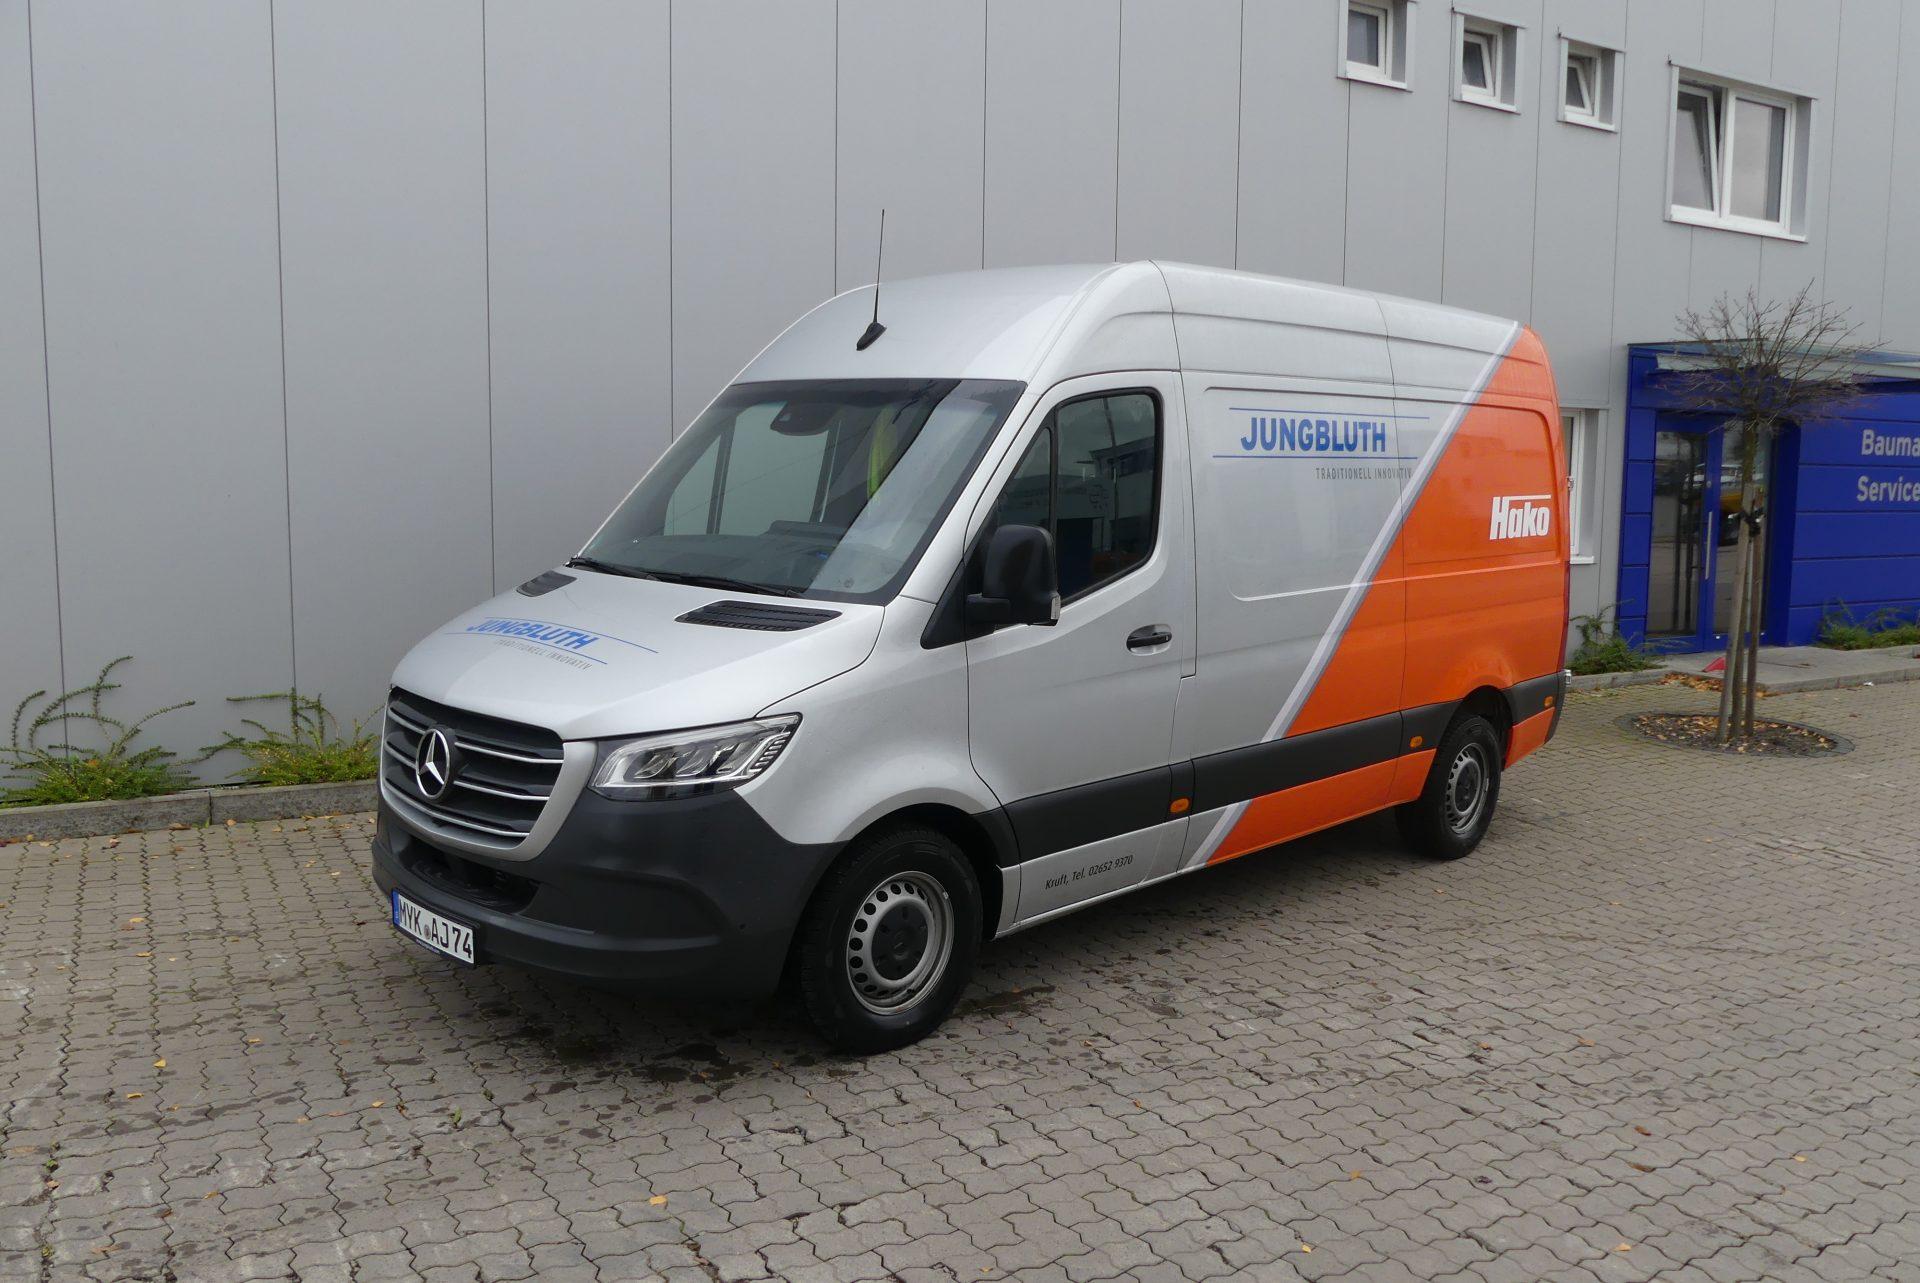 Service_reinigungs-kommunaltechnik